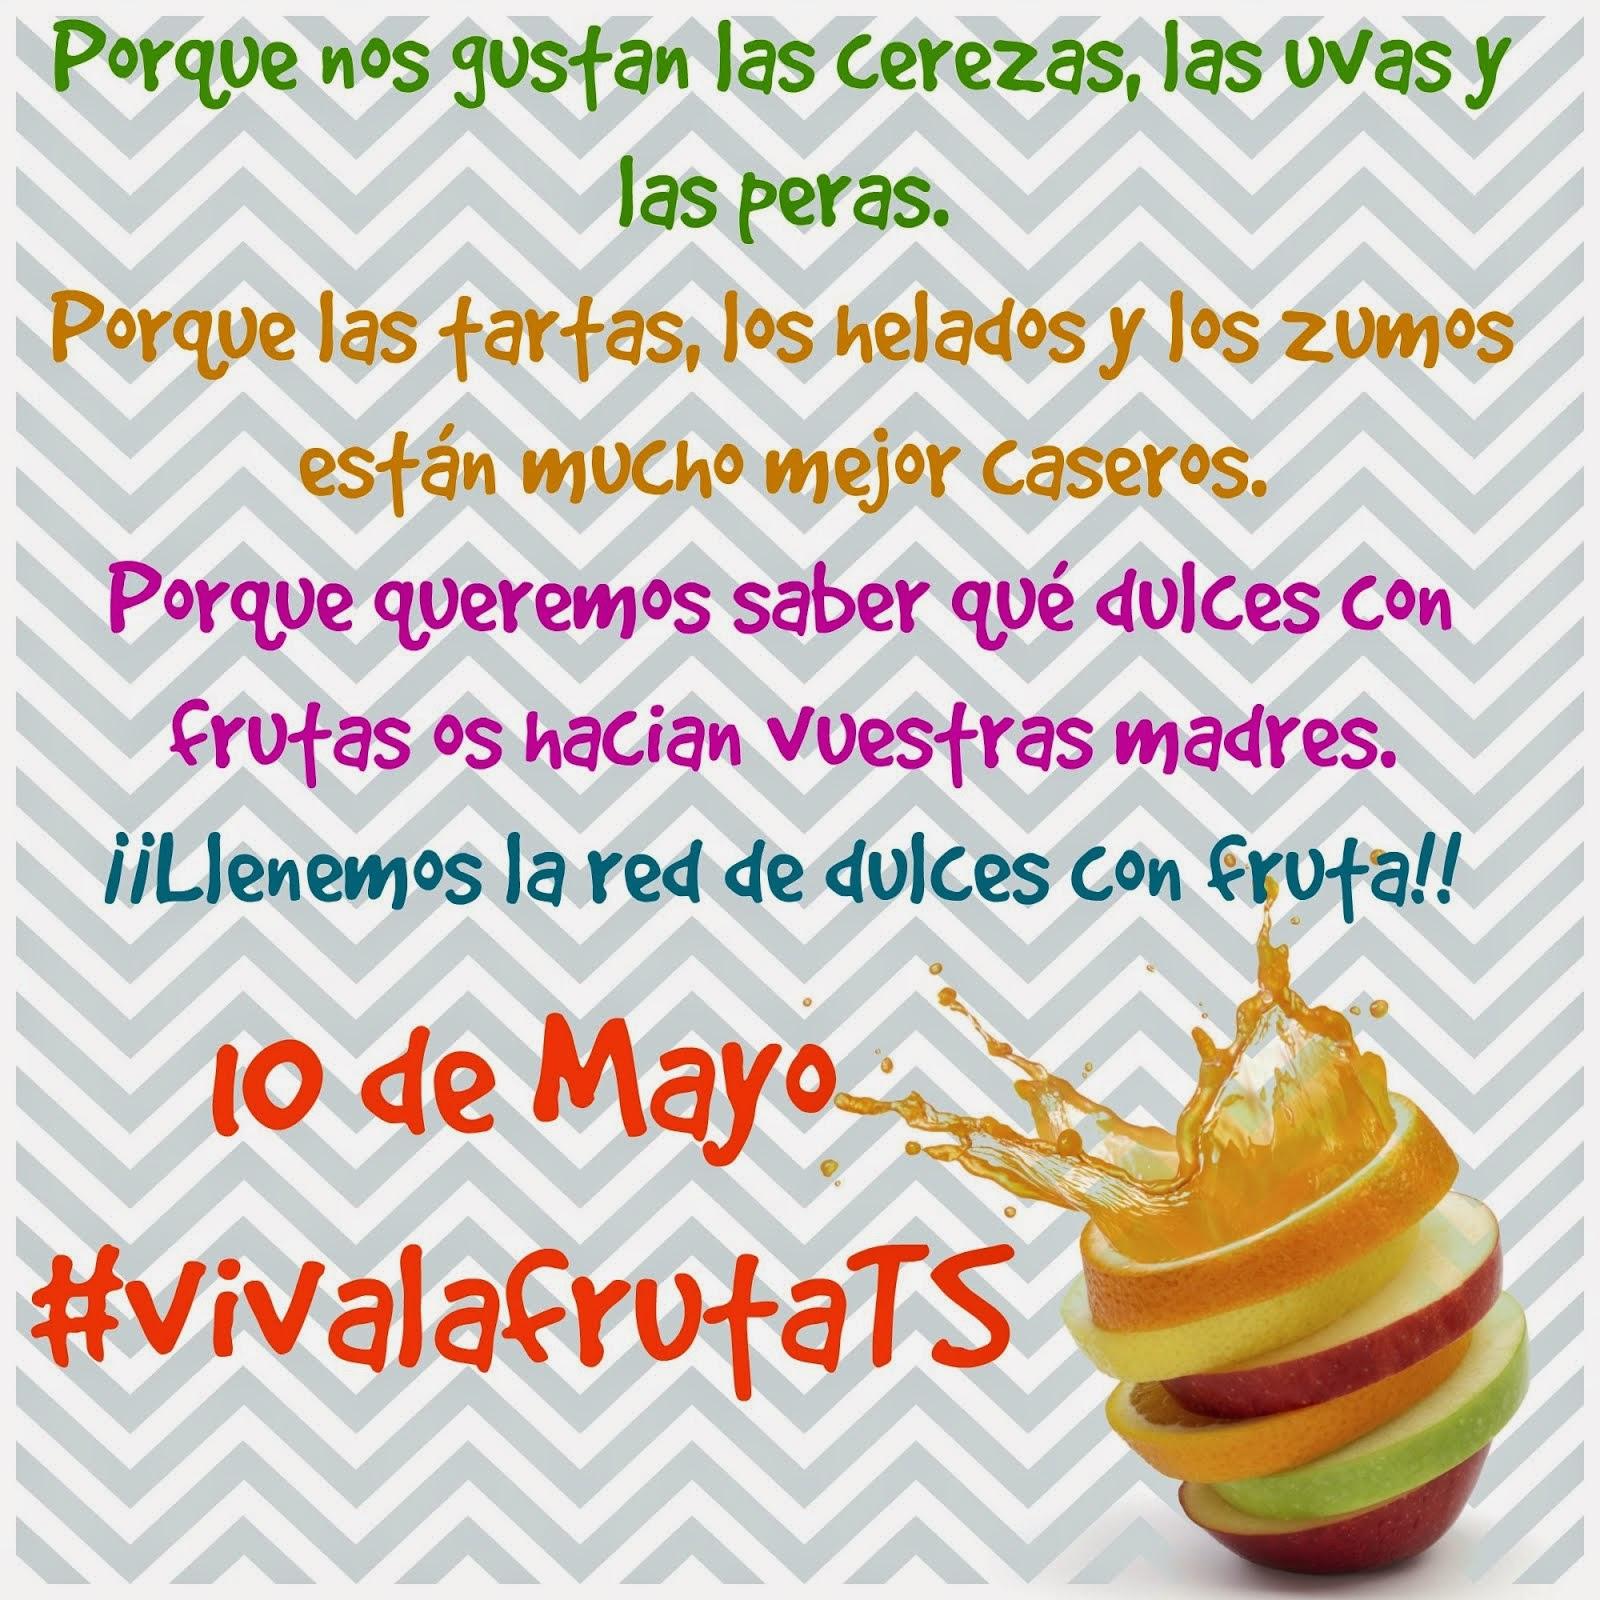 10 de mayo. Viva la fruta